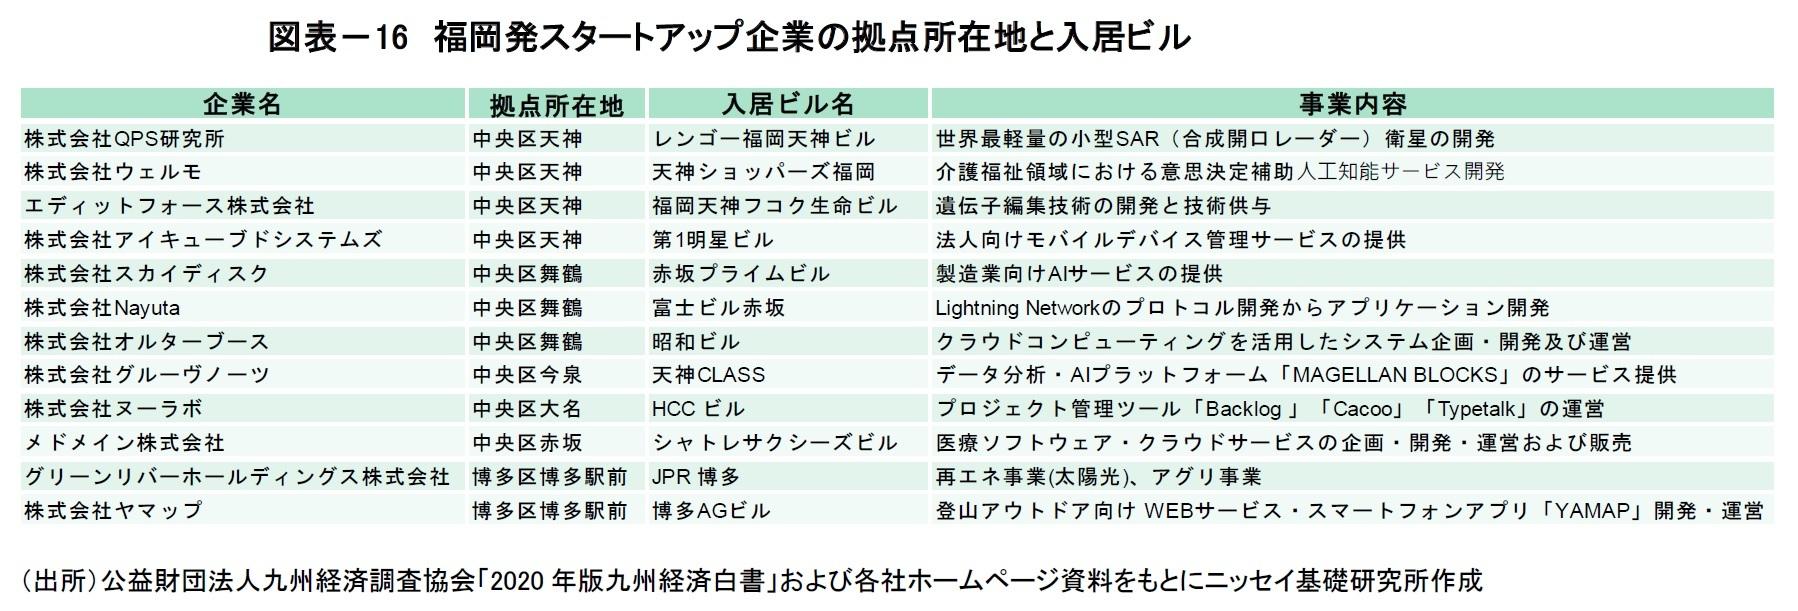 図表-16 福岡発スタートアップ企業の拠点所在地と入居ビル